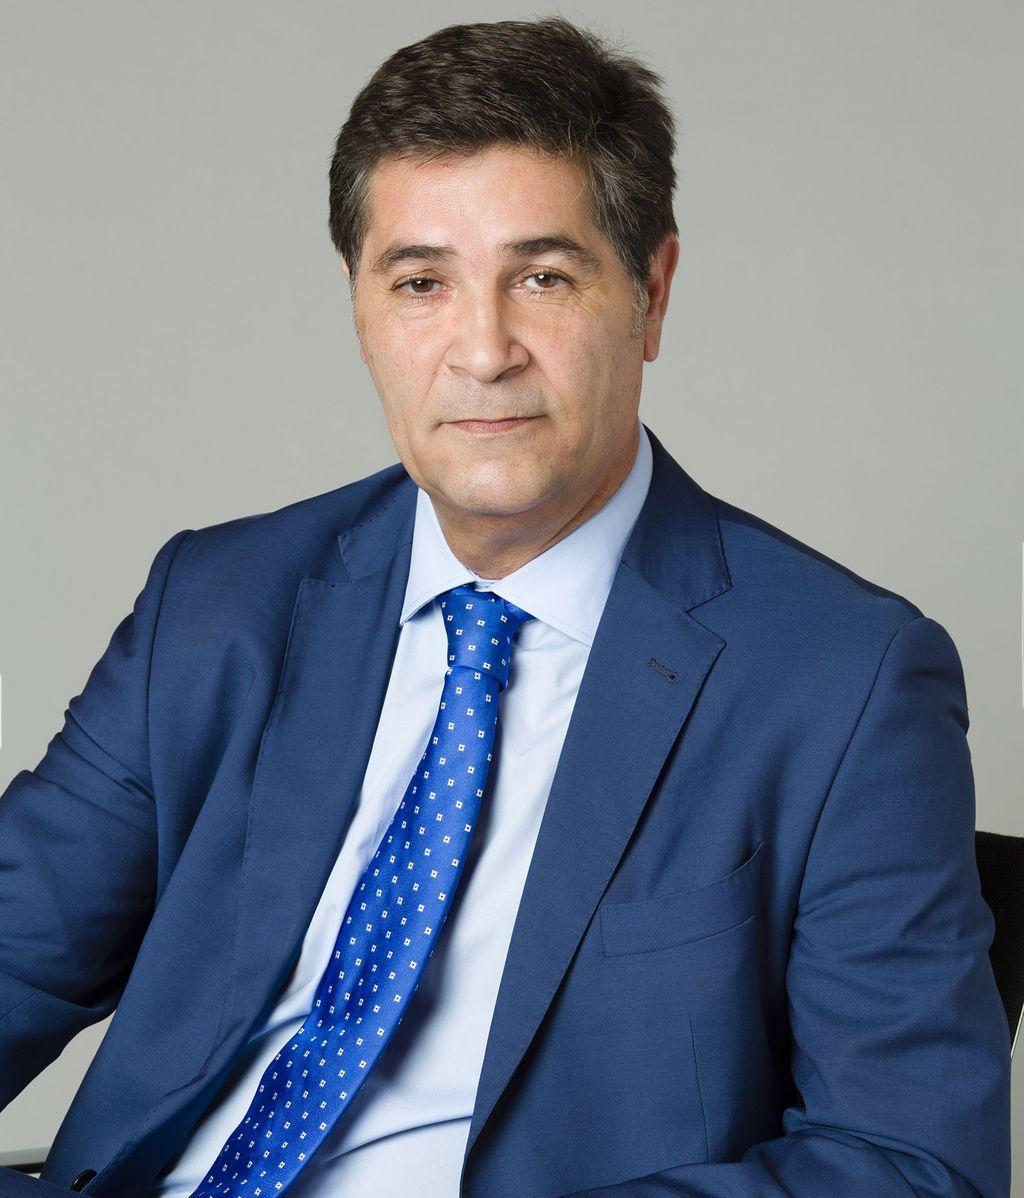 Luis Expósito, director de Recursos Humanos y Servicios de Mediaset España.